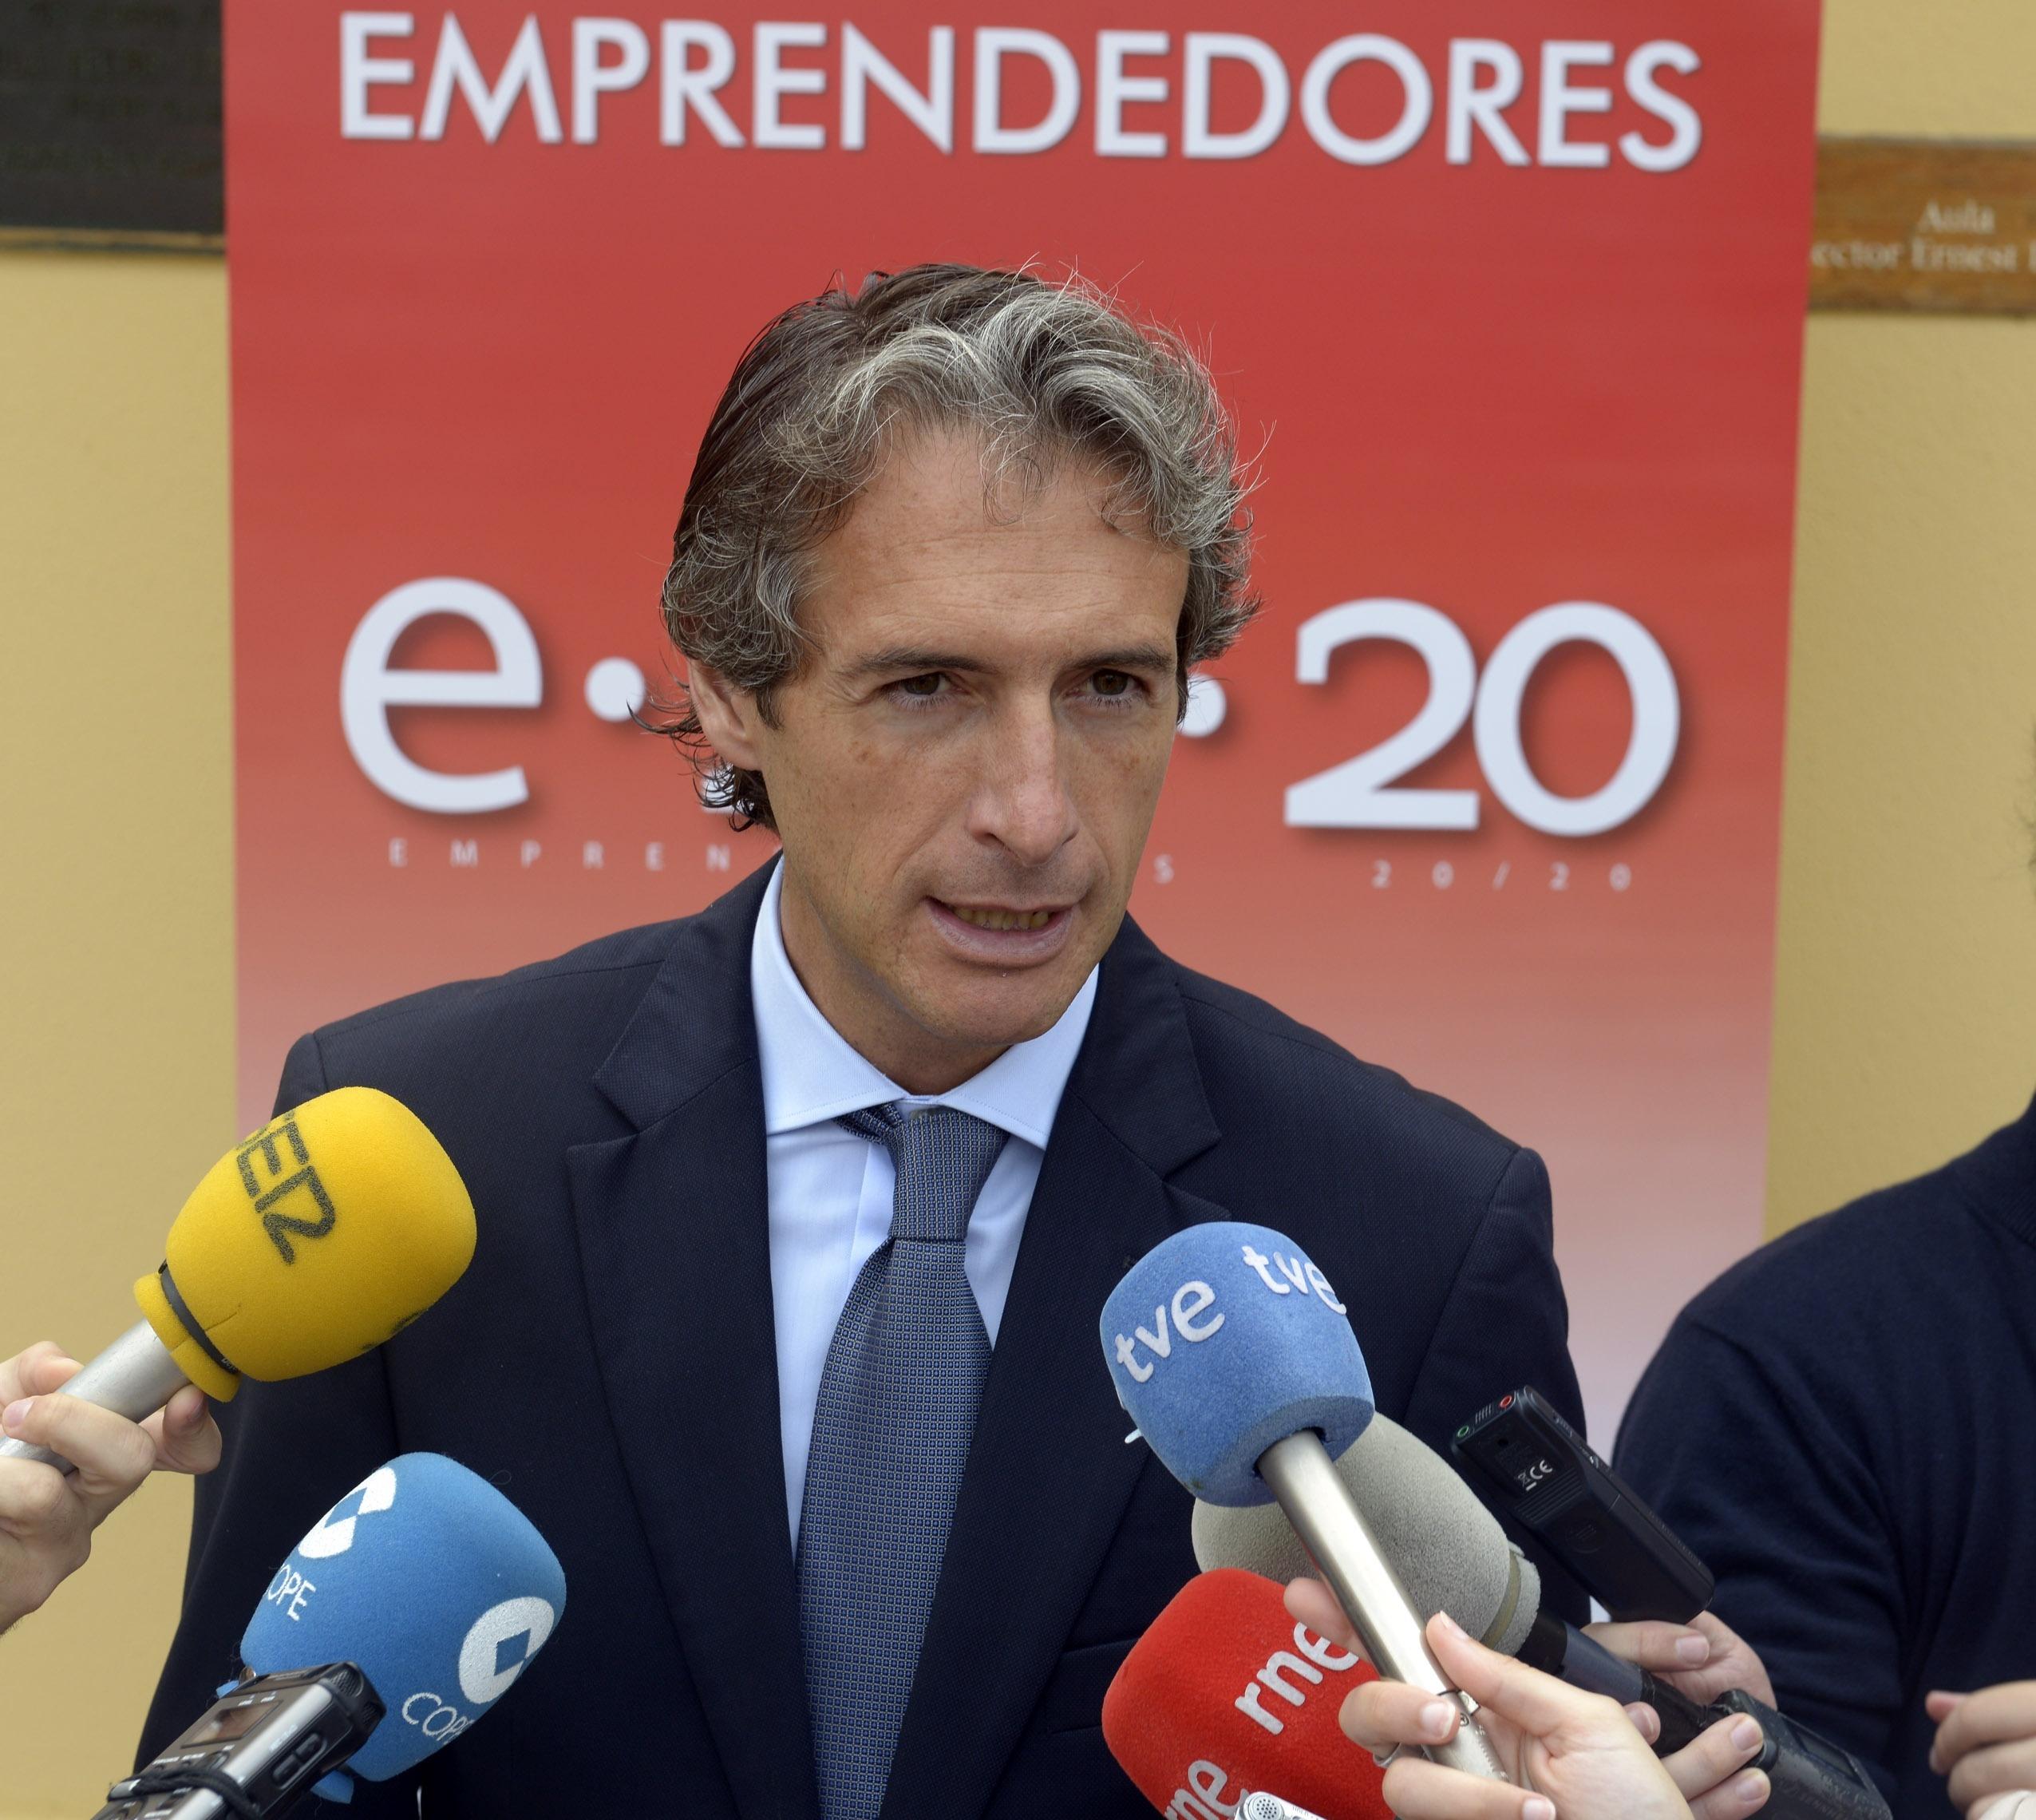 Ayuntamiento propondrá a emprendedores un «reto urbano» al que dar solución a través de proyecto empresarial